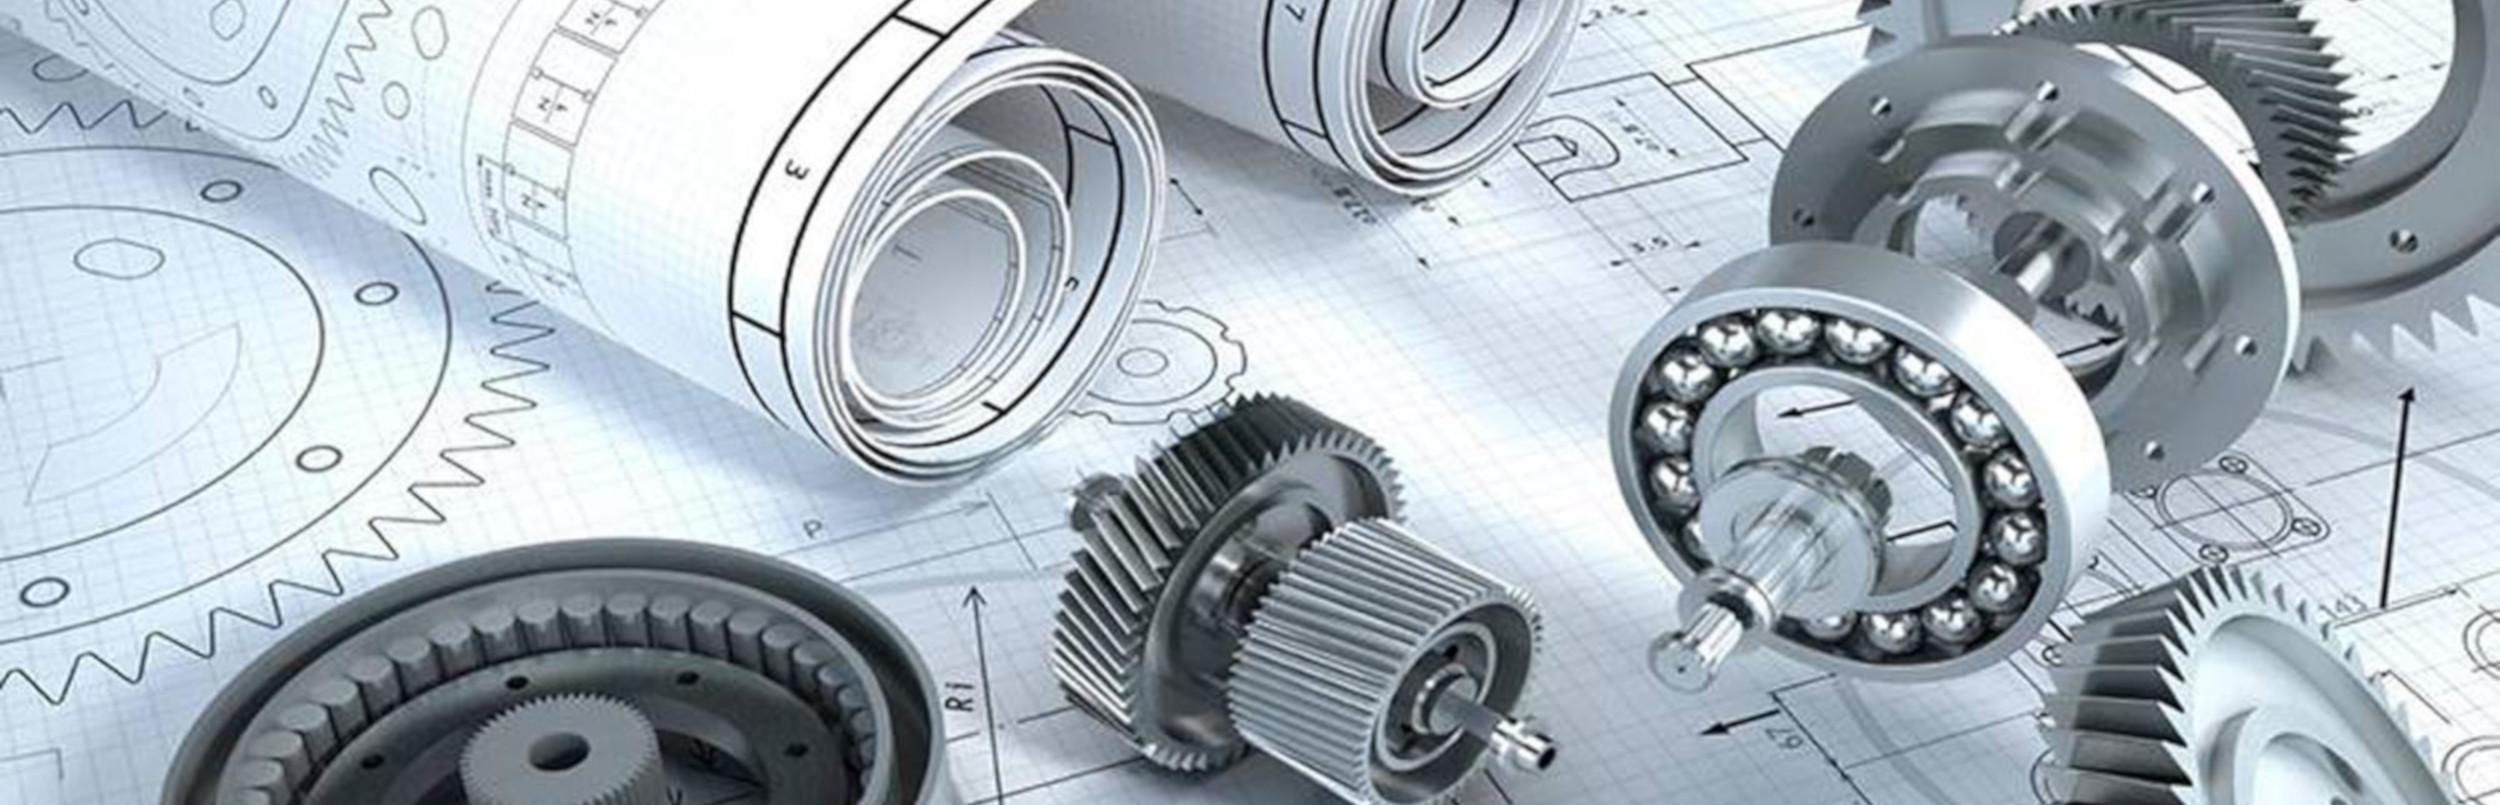 Conception de produits industriels